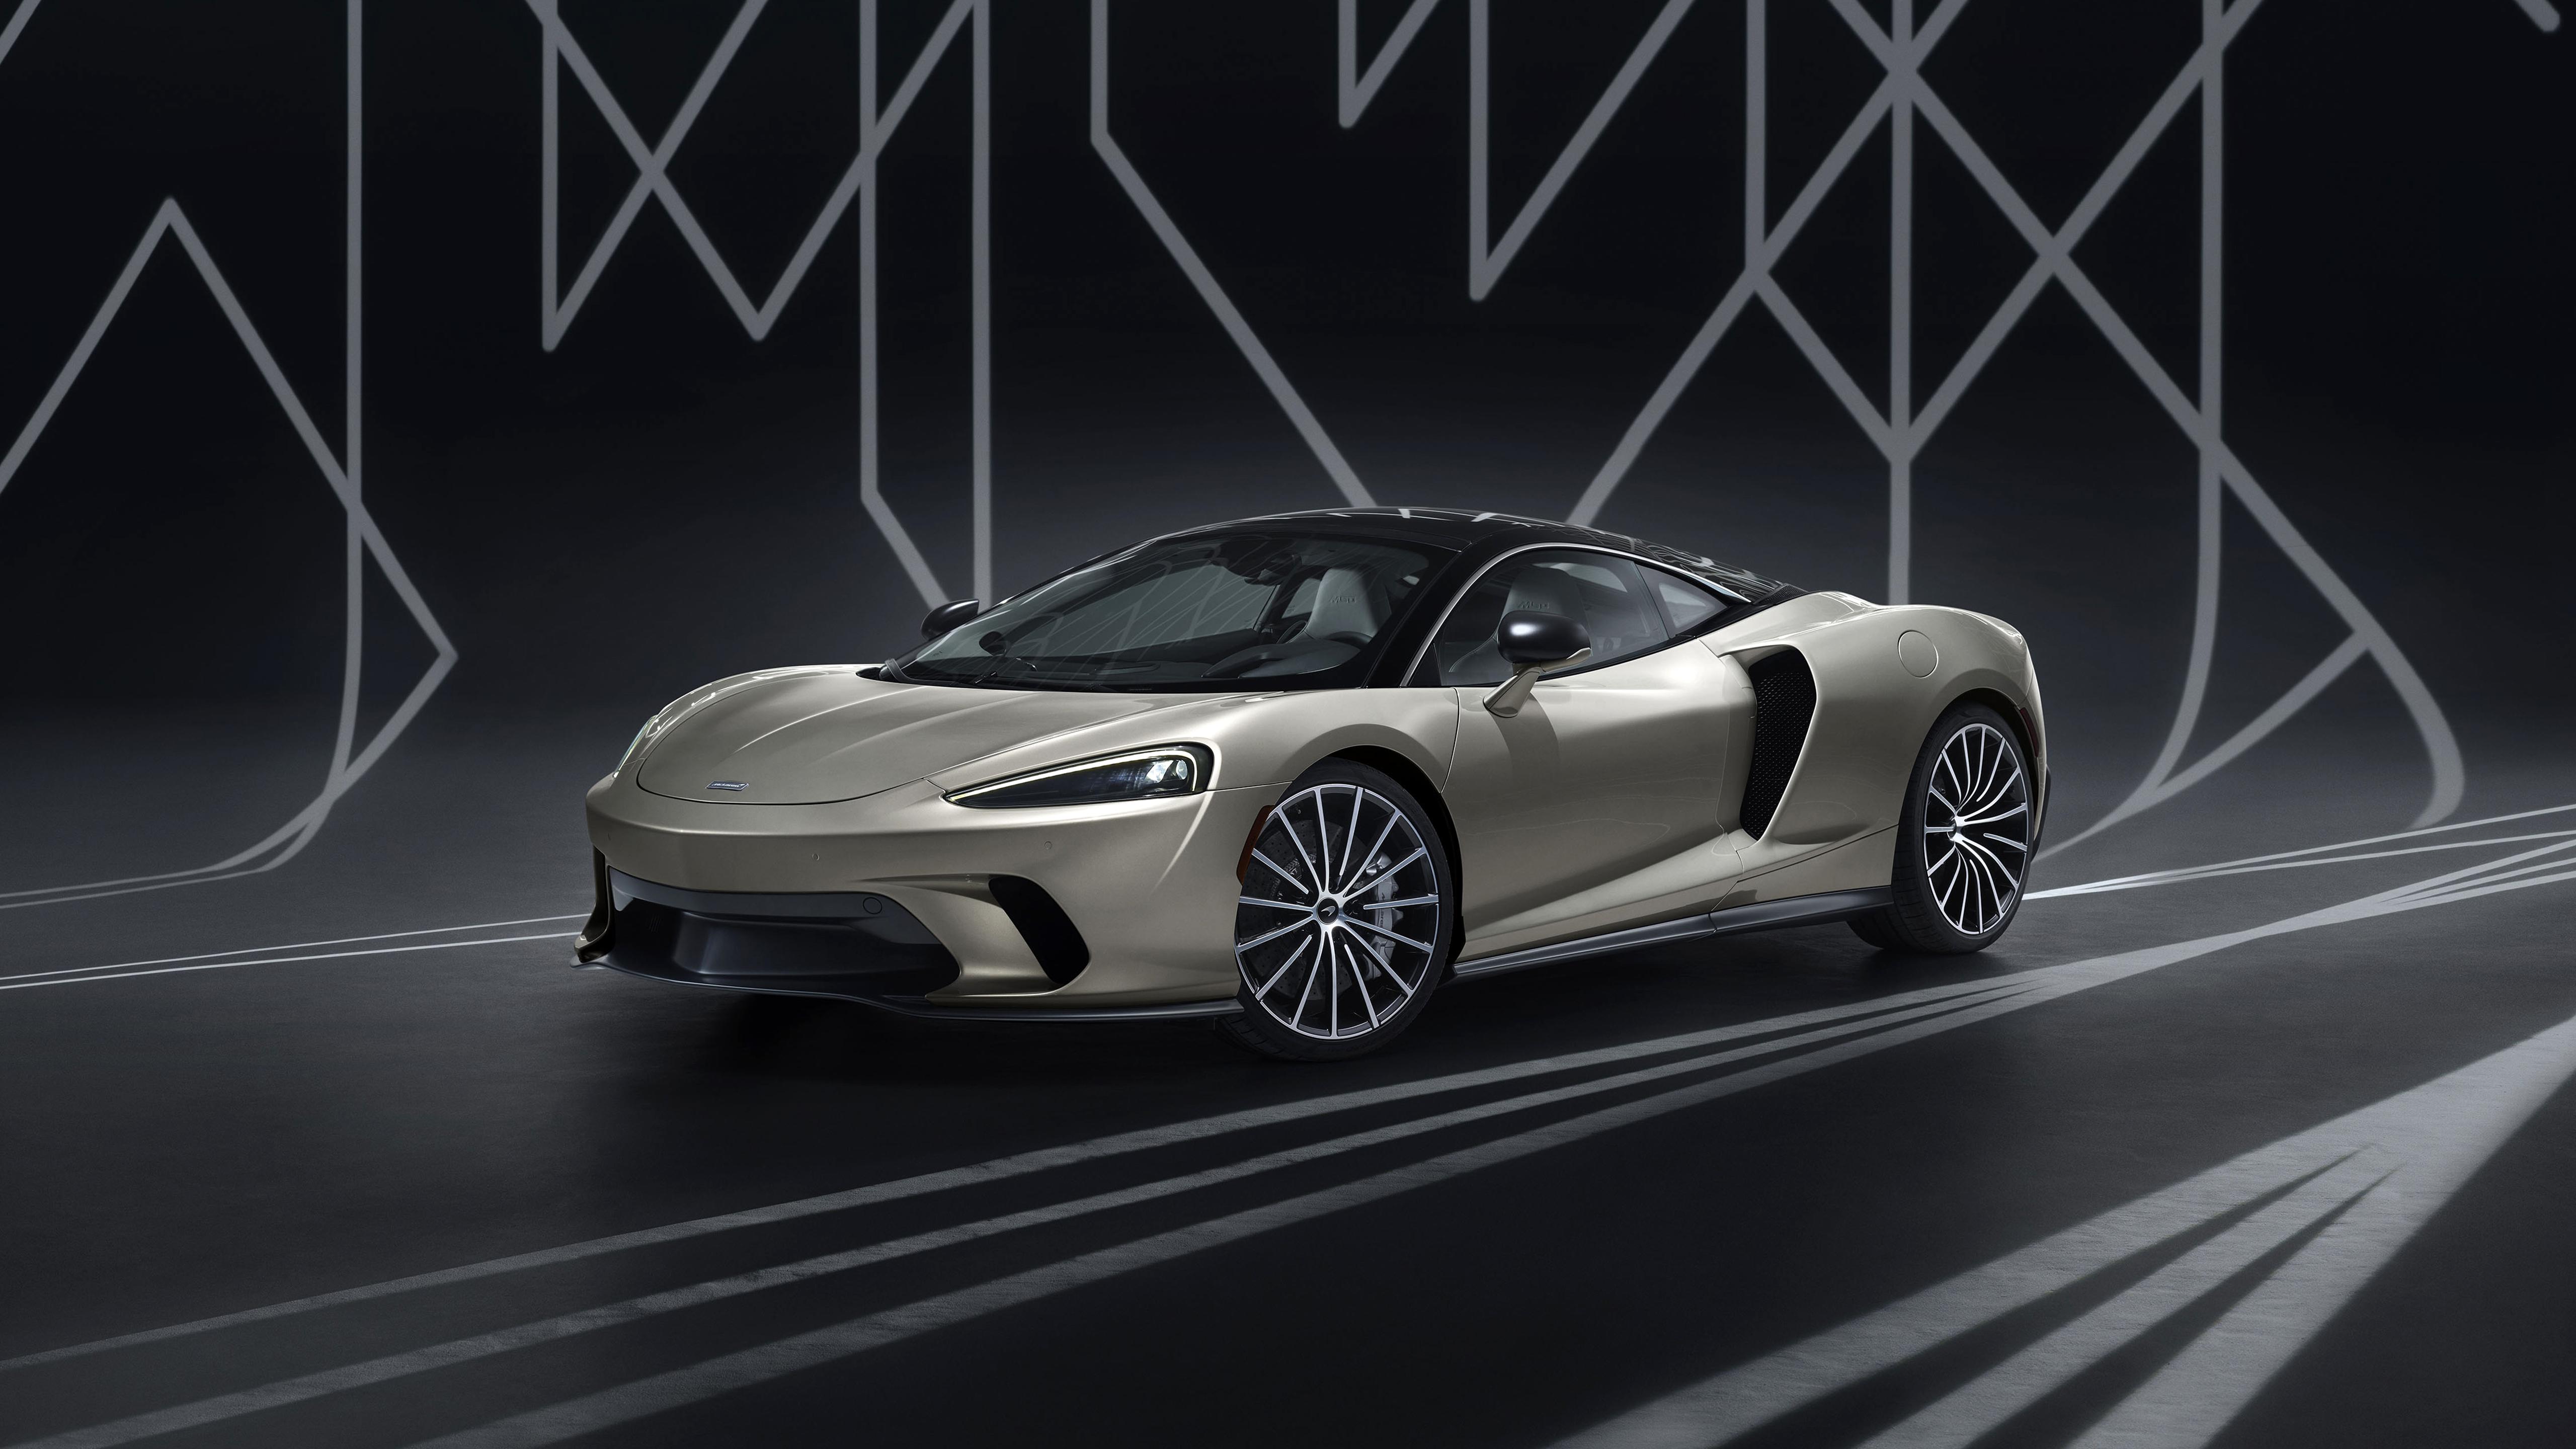 McLaren GT by MSO 2019 4K Wallpapers   Wallpapers HD